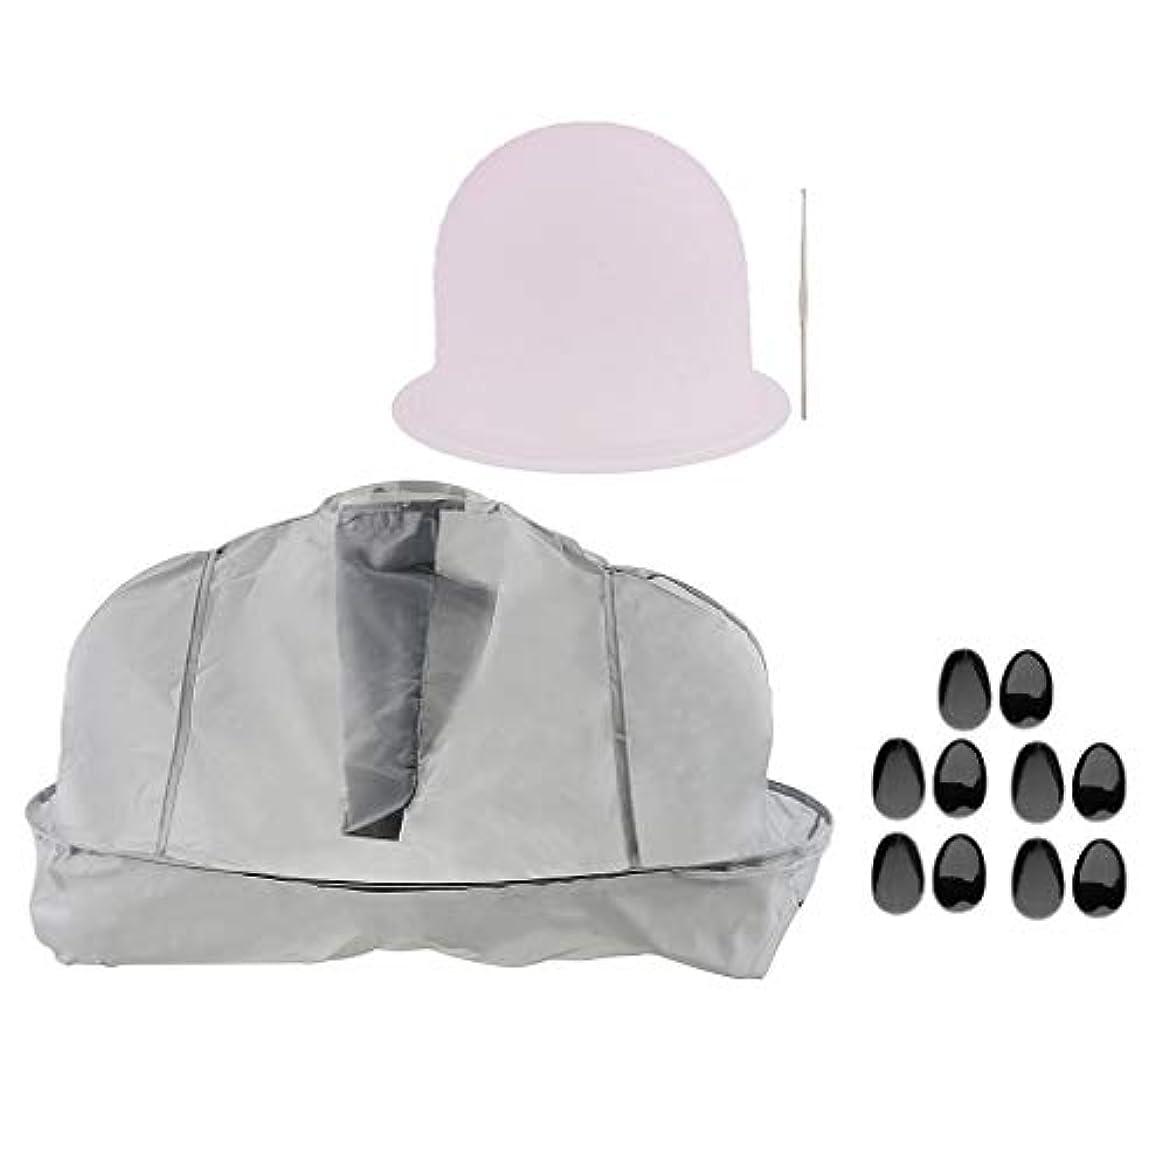 花サロンロードブロッキングヘアサロン 美容院 ヘアカラー 色付け 帽子 キャップ 耳のカバー 美容ケープ